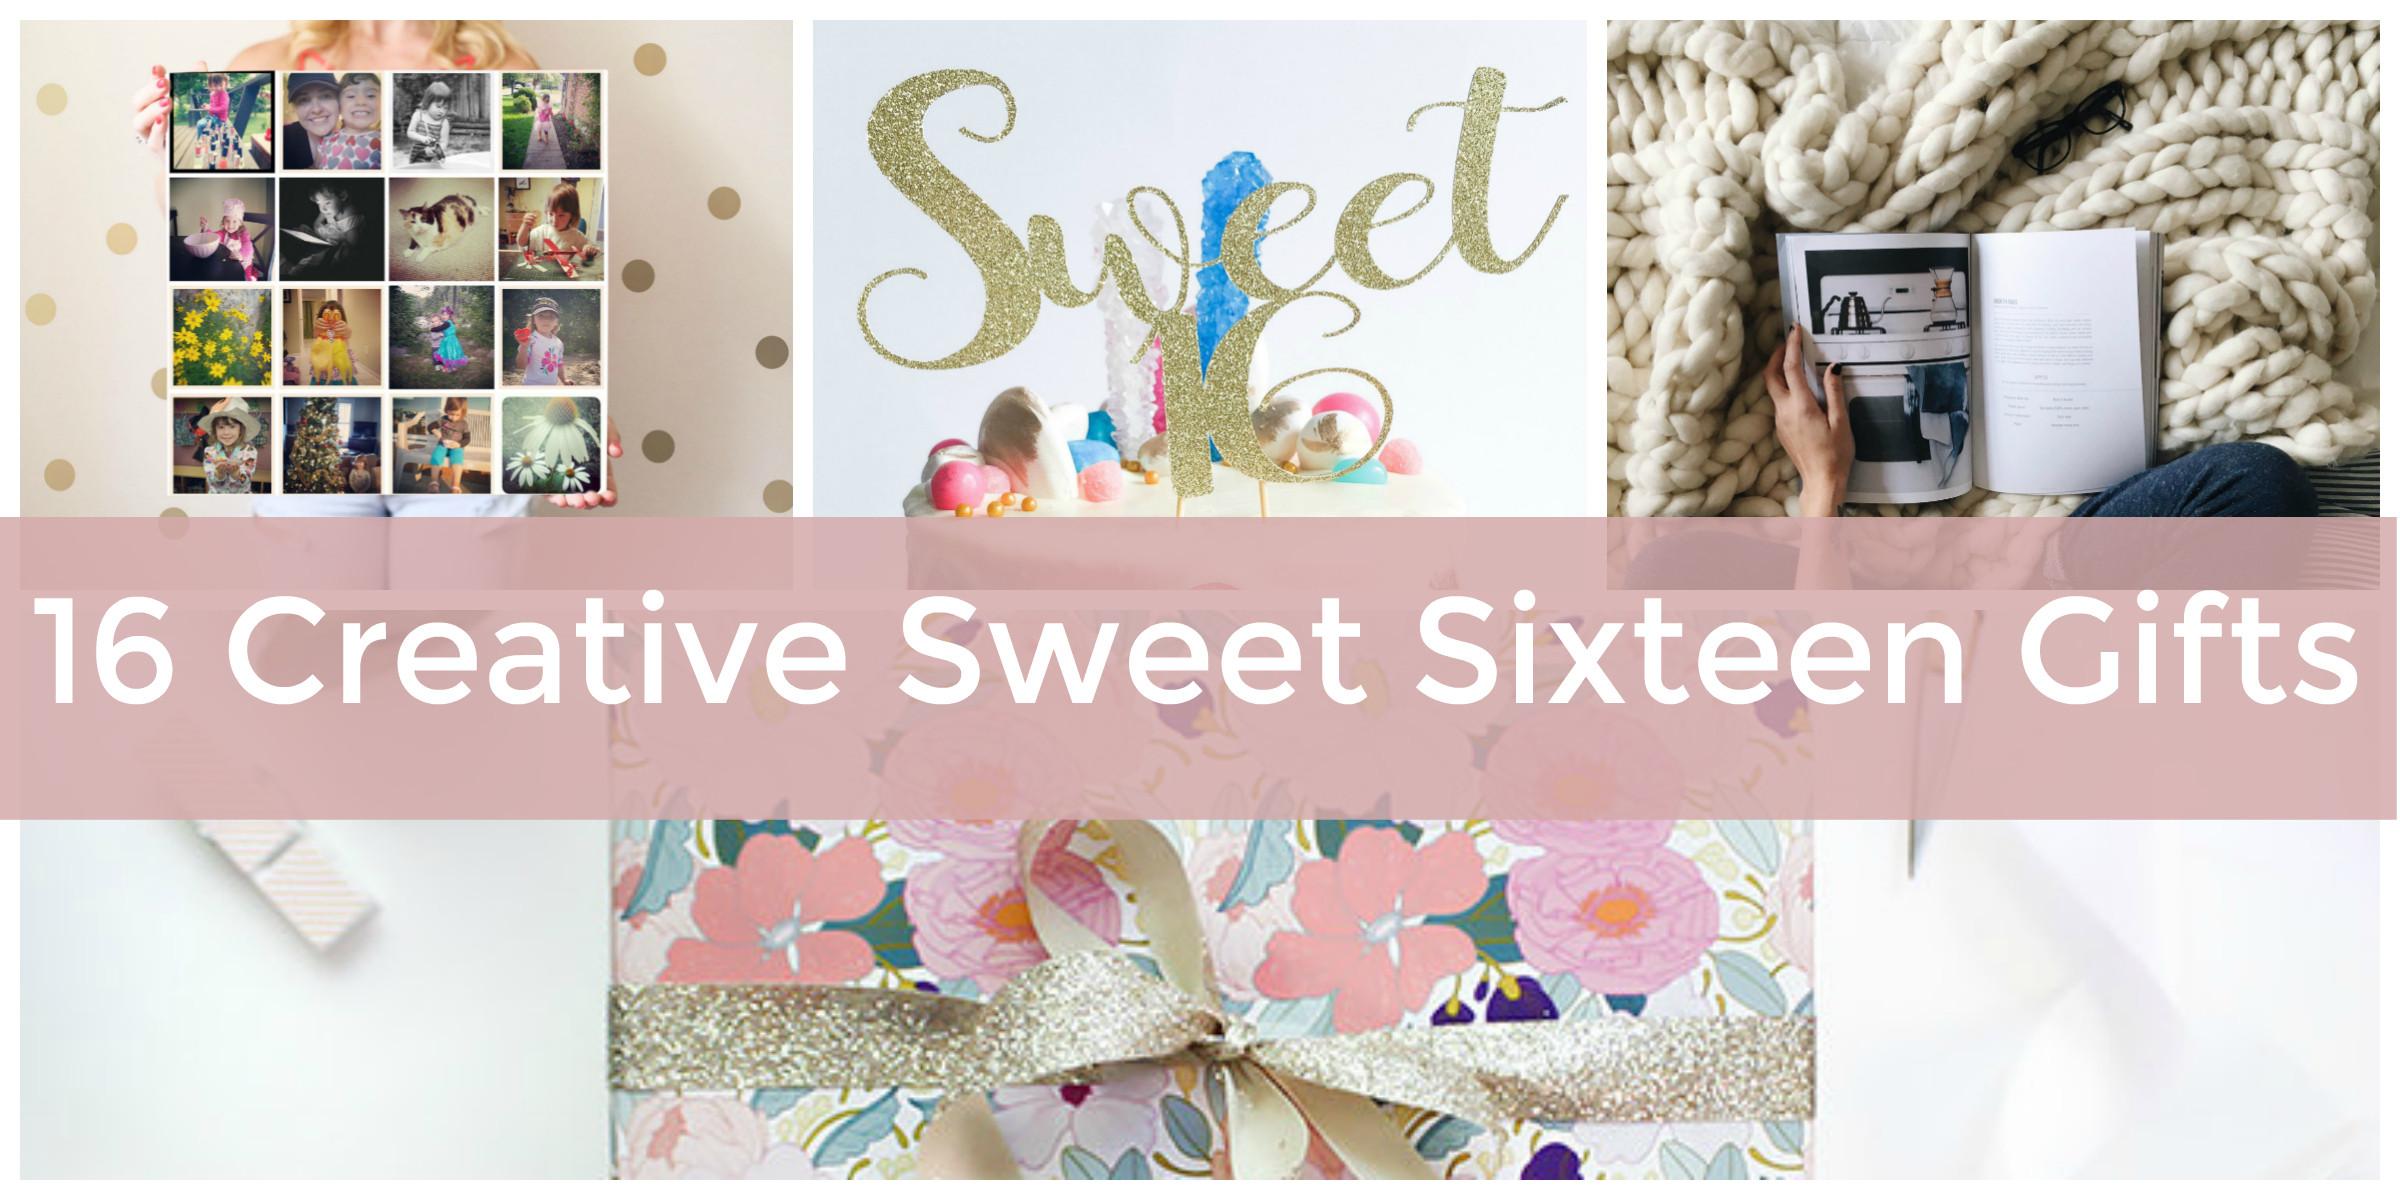 Sweet Sixteen Gift Ideas For Girls  Best Sweet Sixteen Gifts s 2017 – Blue Maize